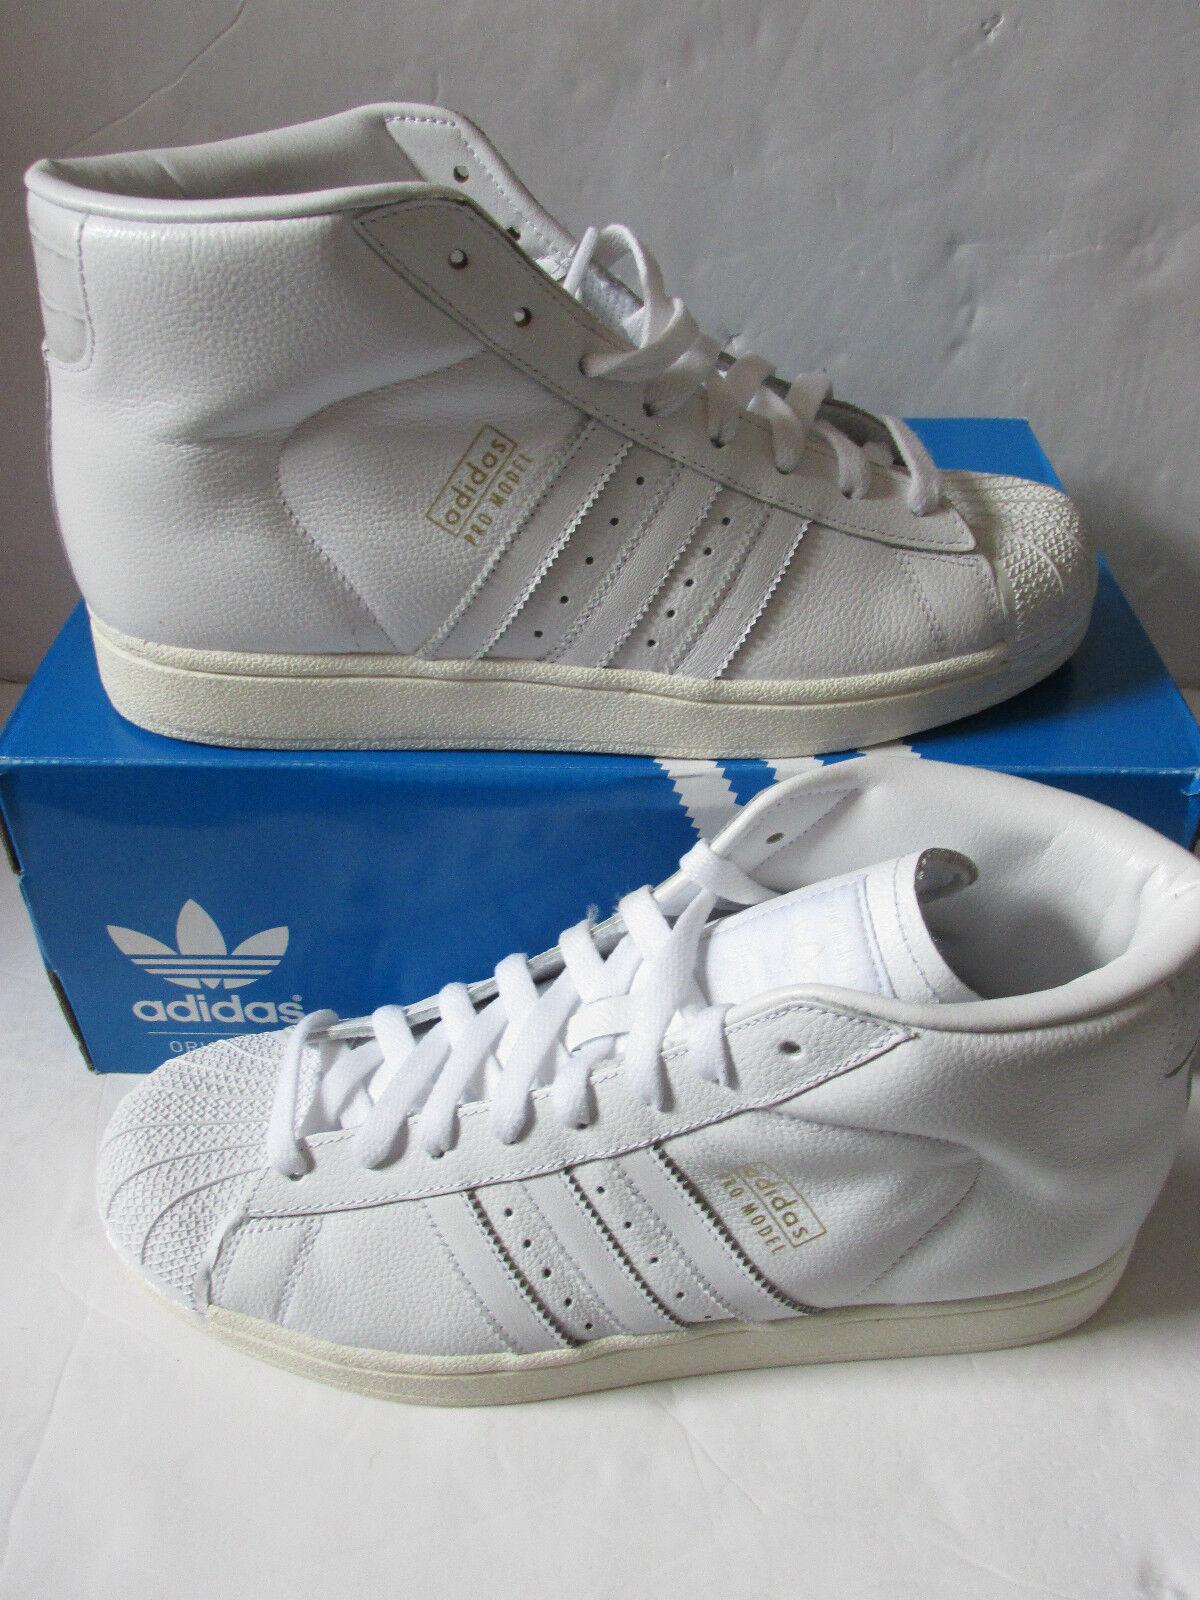 Adidas Mens Originales Modelo pro B25424 Atletismo Bota Alta Zapatillas